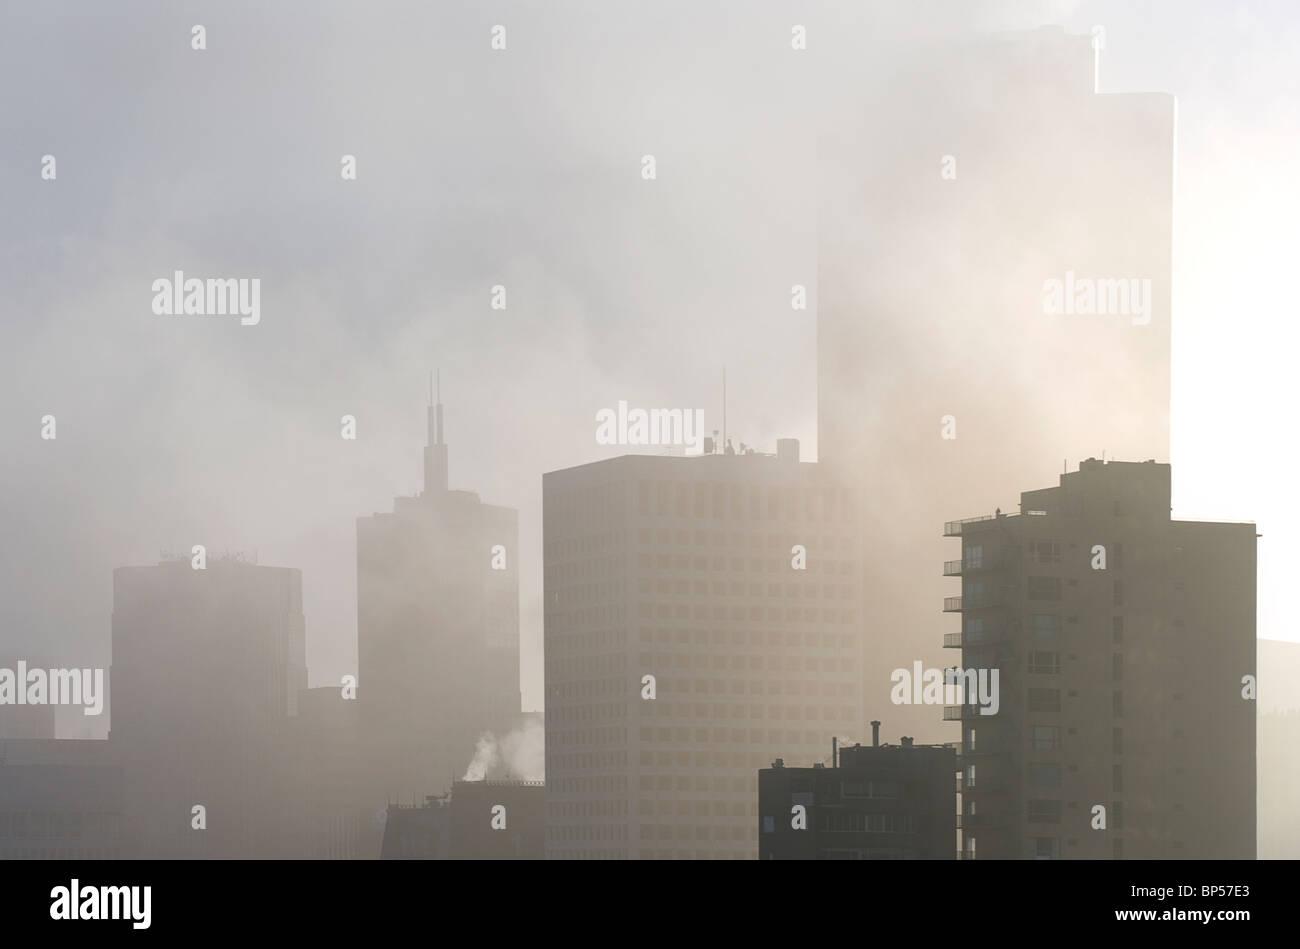 San Francsico Office blocks in fog - Stock Image